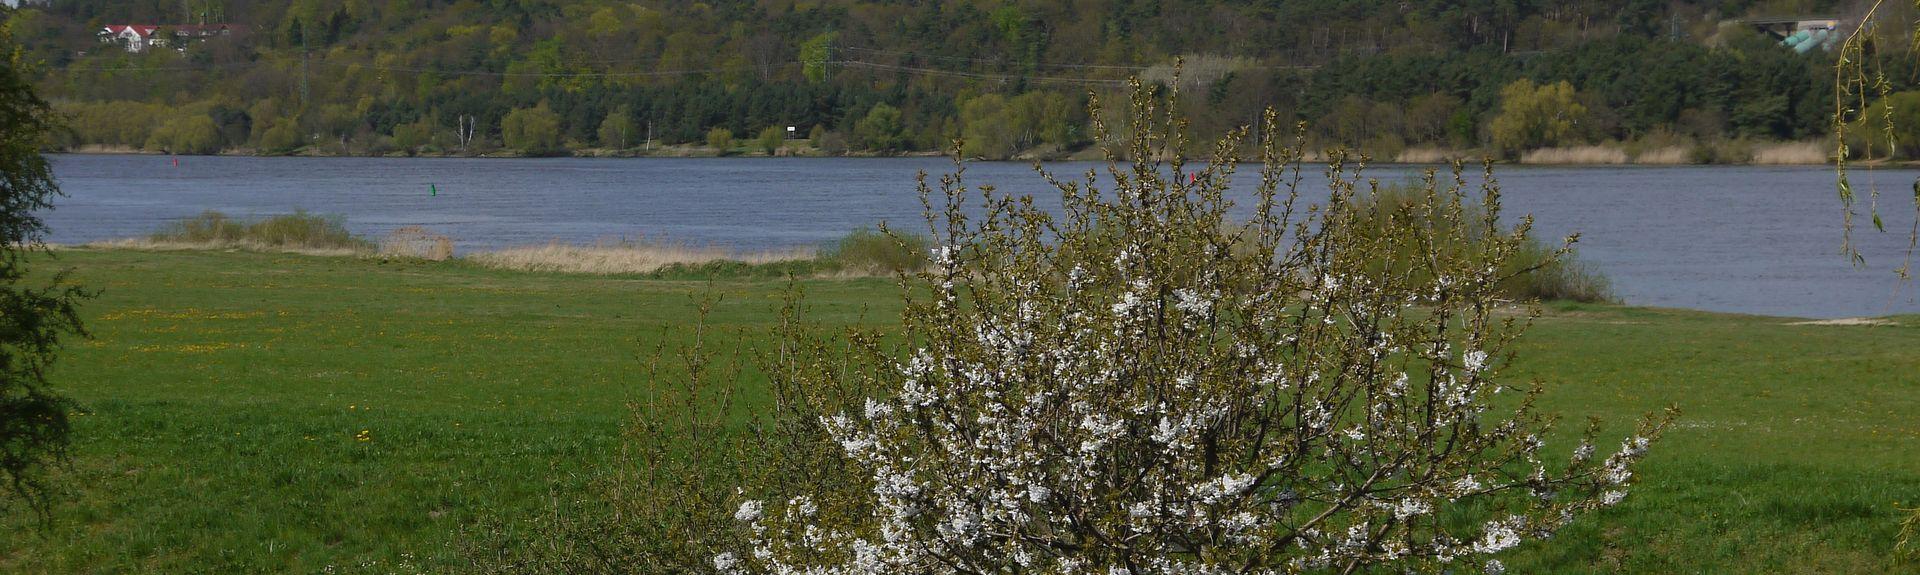 Aumuehle, Schleswig-Holstein, Allemagne